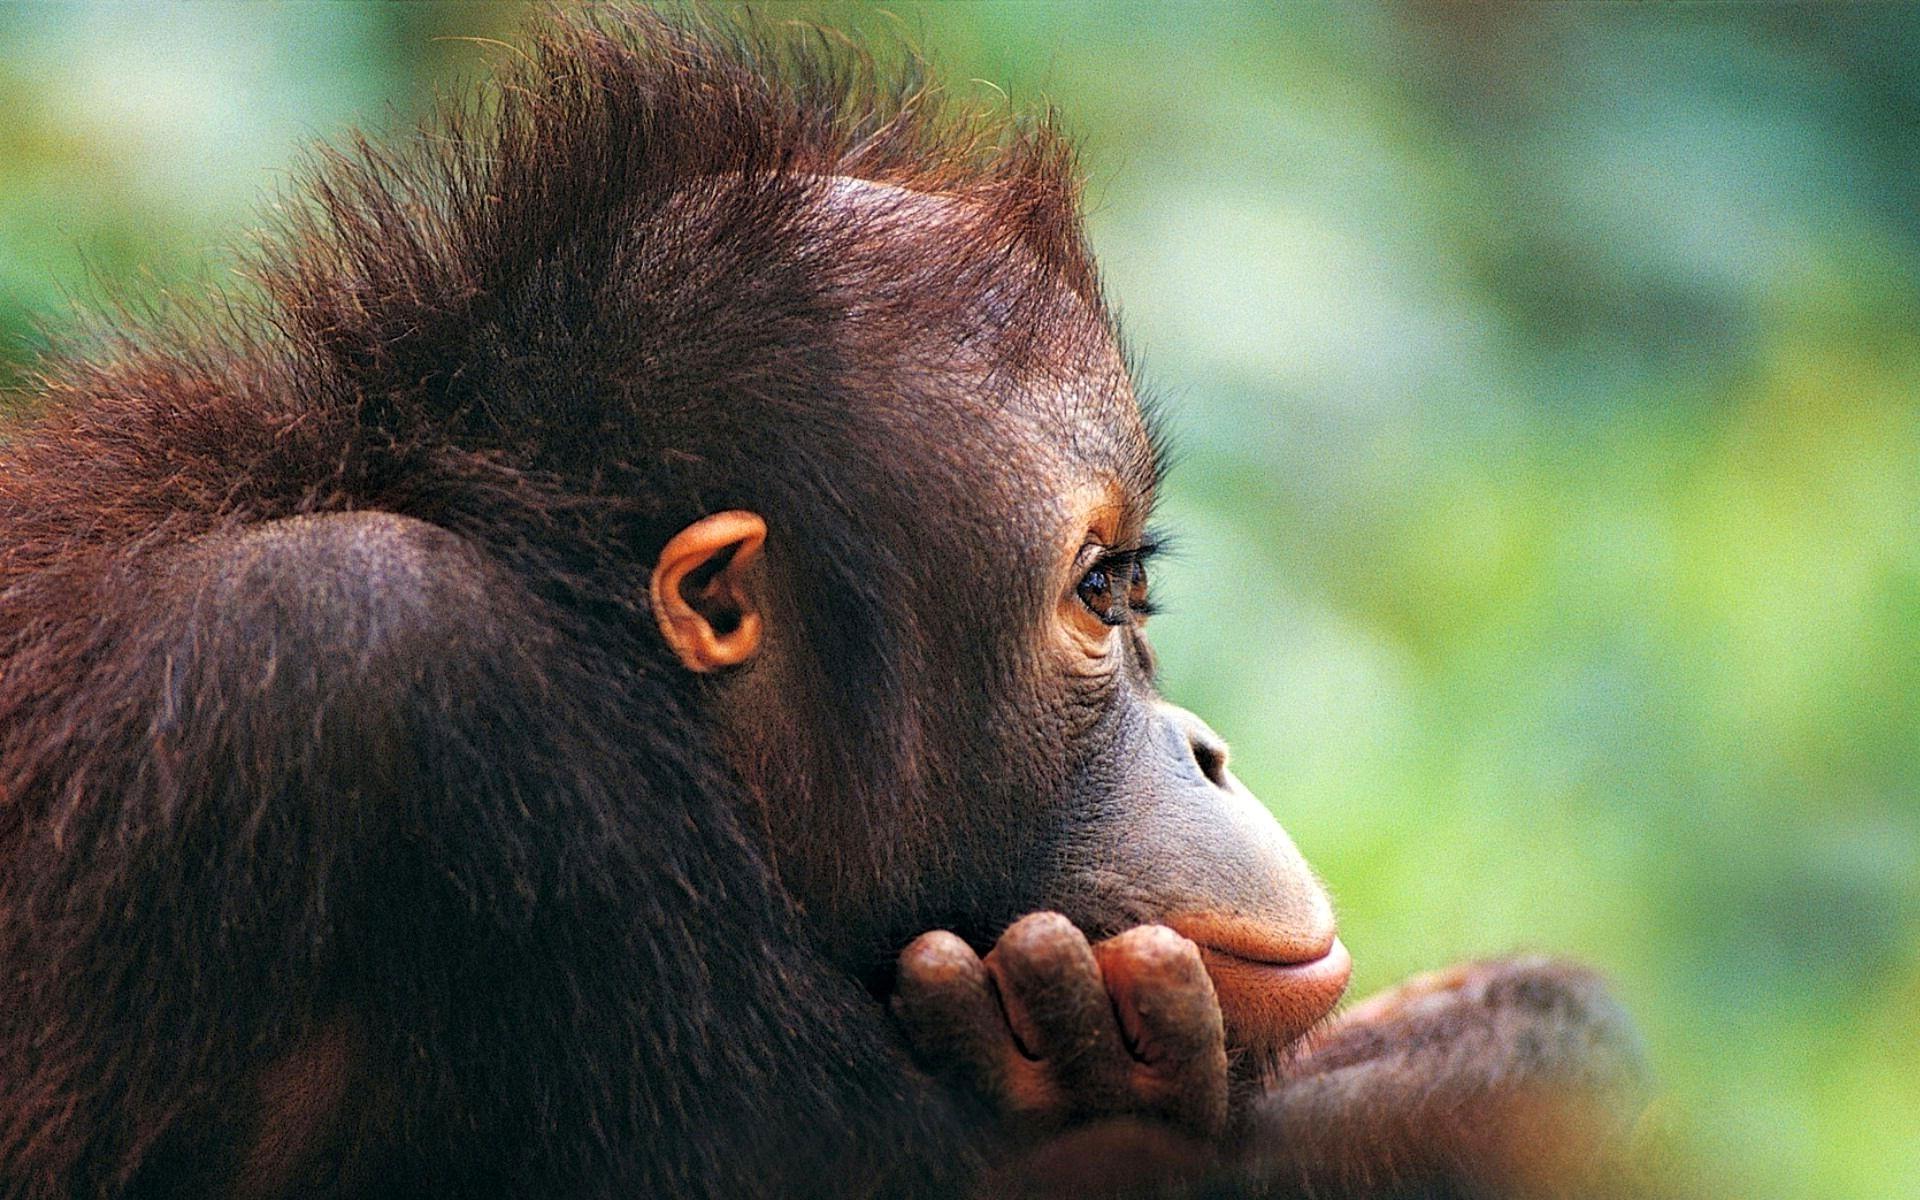 интересные и смешные картинки про животных обоями картинками